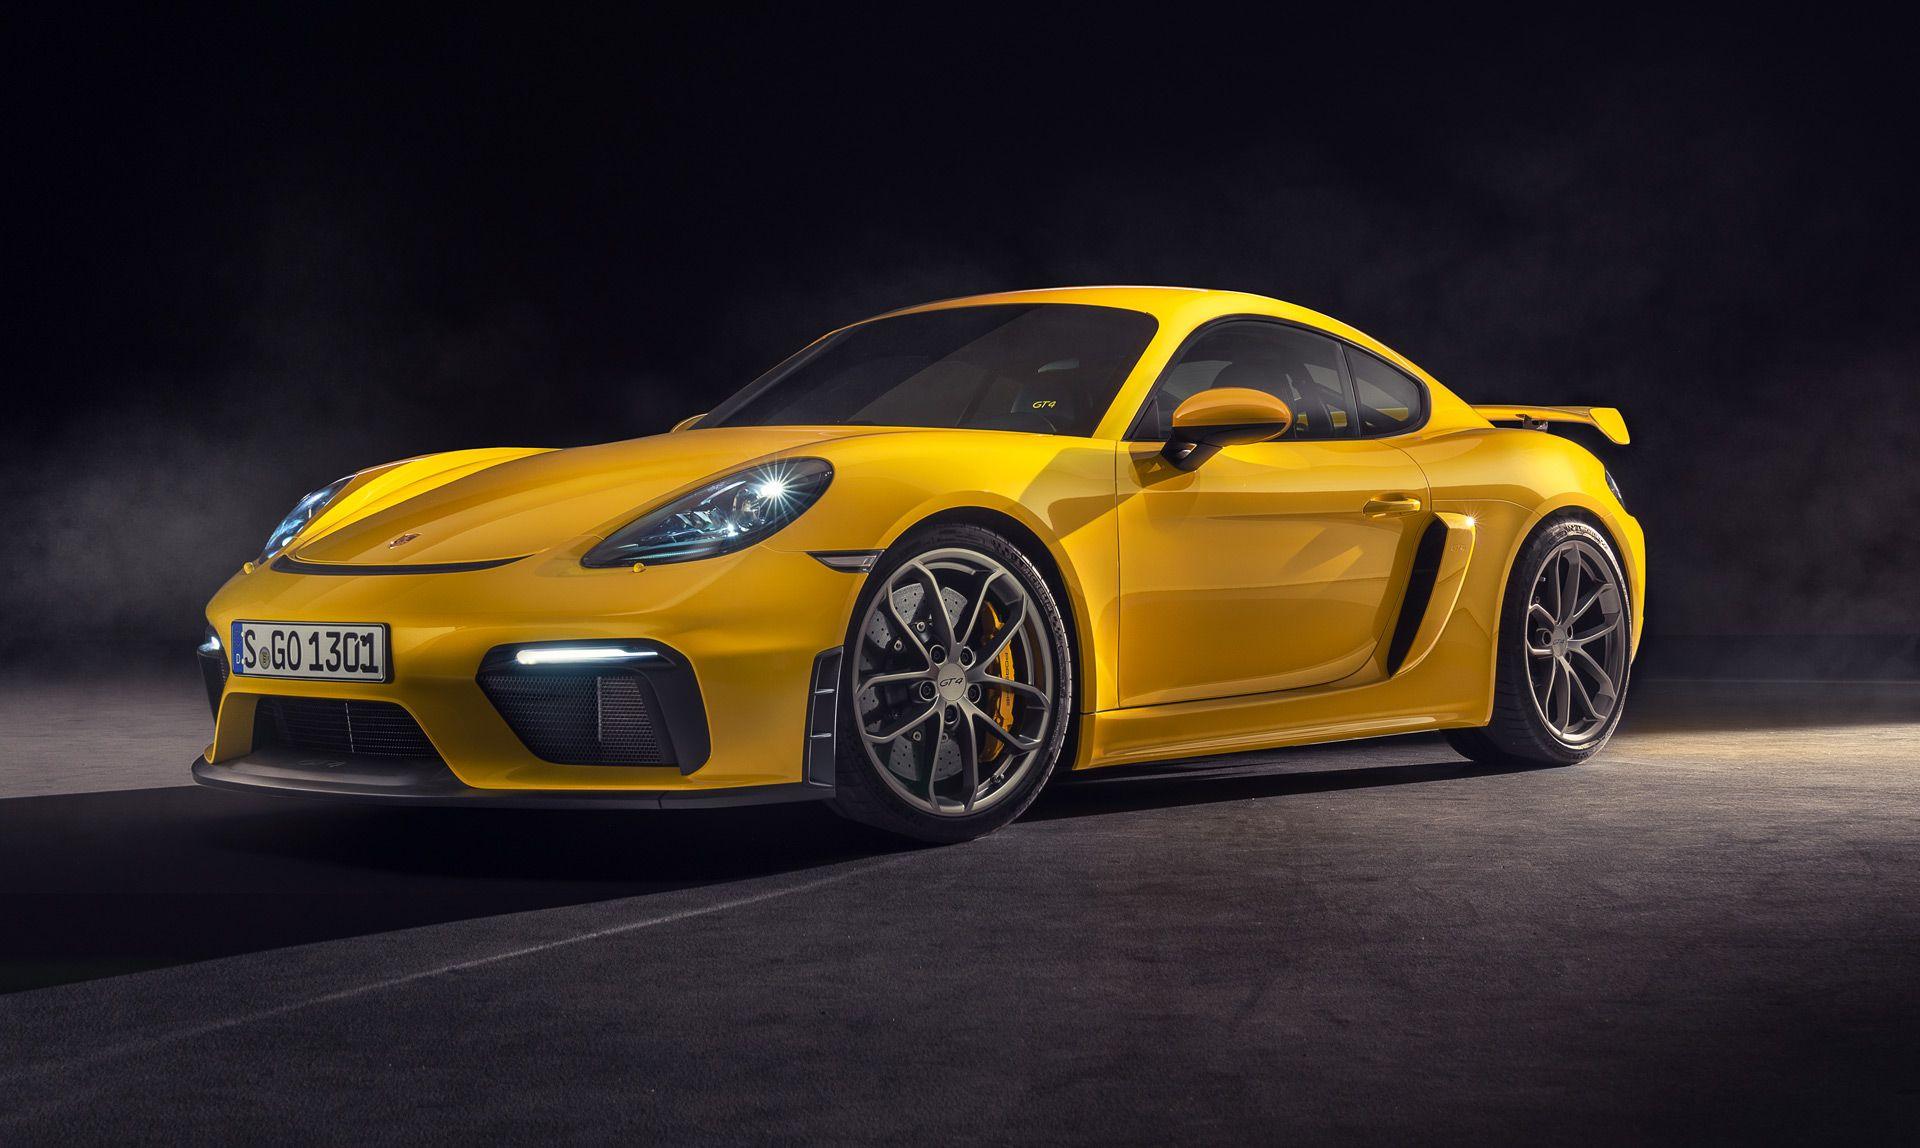 2021 The Porsche 718 Cost Porsche 718 Cayman Cayman Gt4 Boxster Spyder